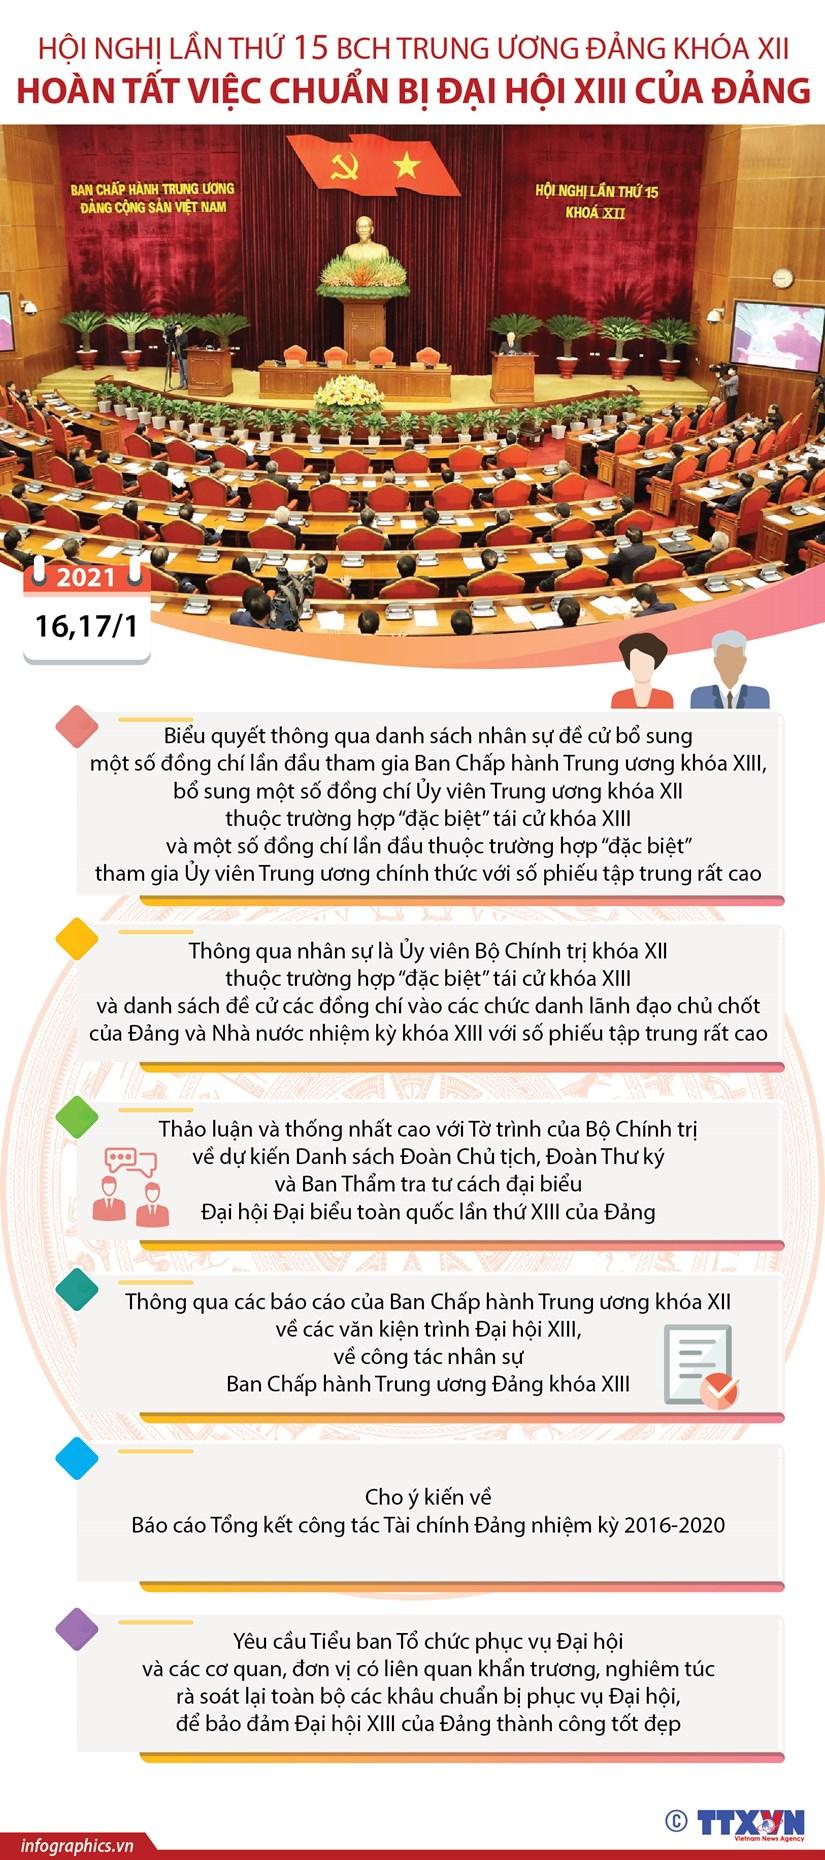 Cac noi dung cua Hoi nghi lan thu 15 Ban Chap hanh Trung uong Dang hinh anh 1